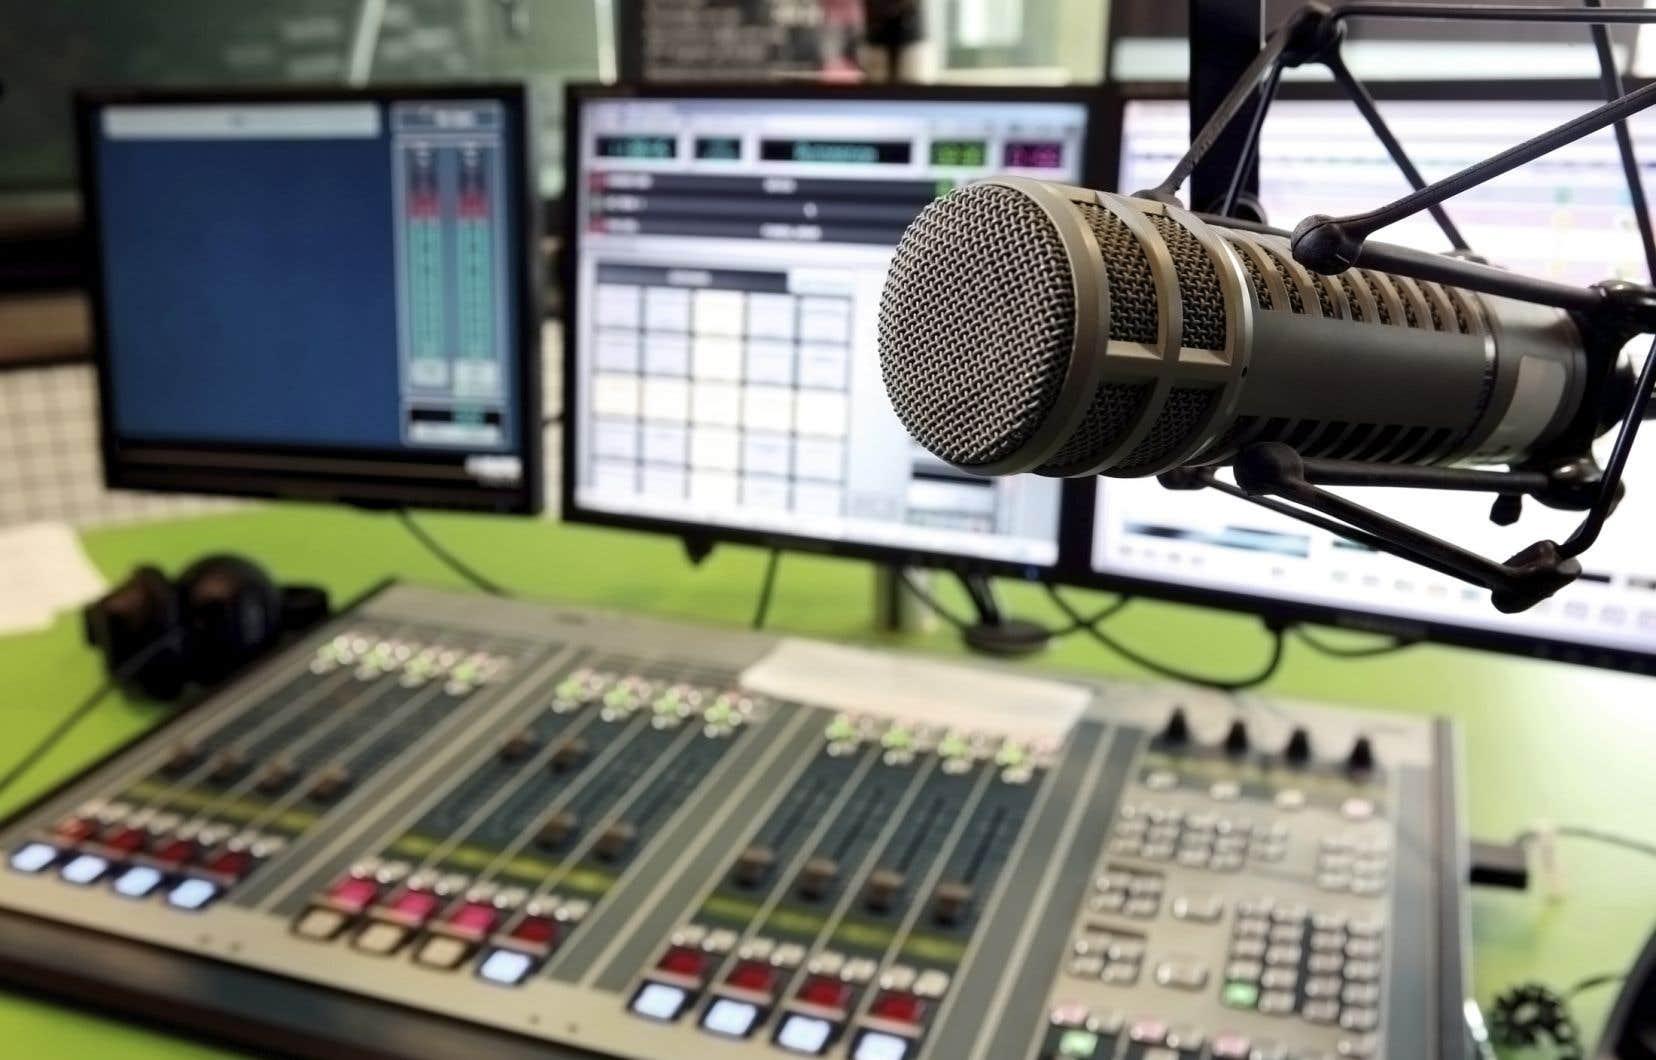 Les week-ends, la première chaîne de Radio-Canada domine les cotes d'écoute.